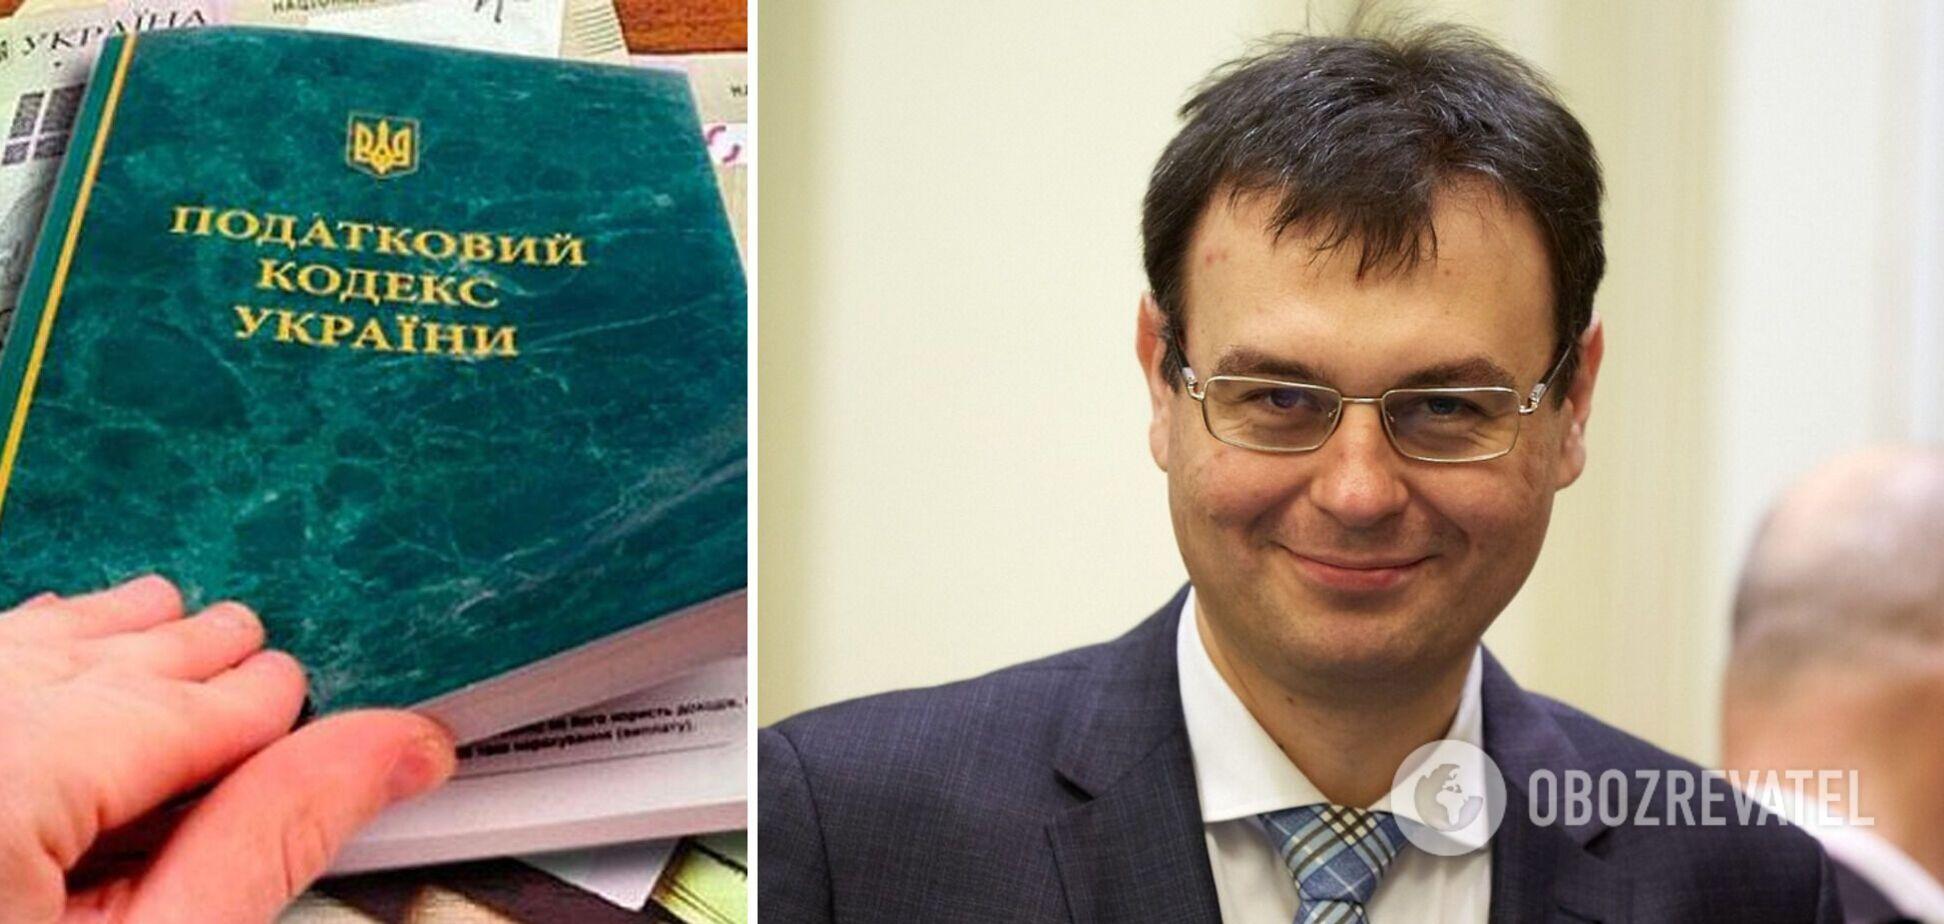 Всі українці будуть подавати податкову декларацію, розробляється законопроєкт, – Гетманцев